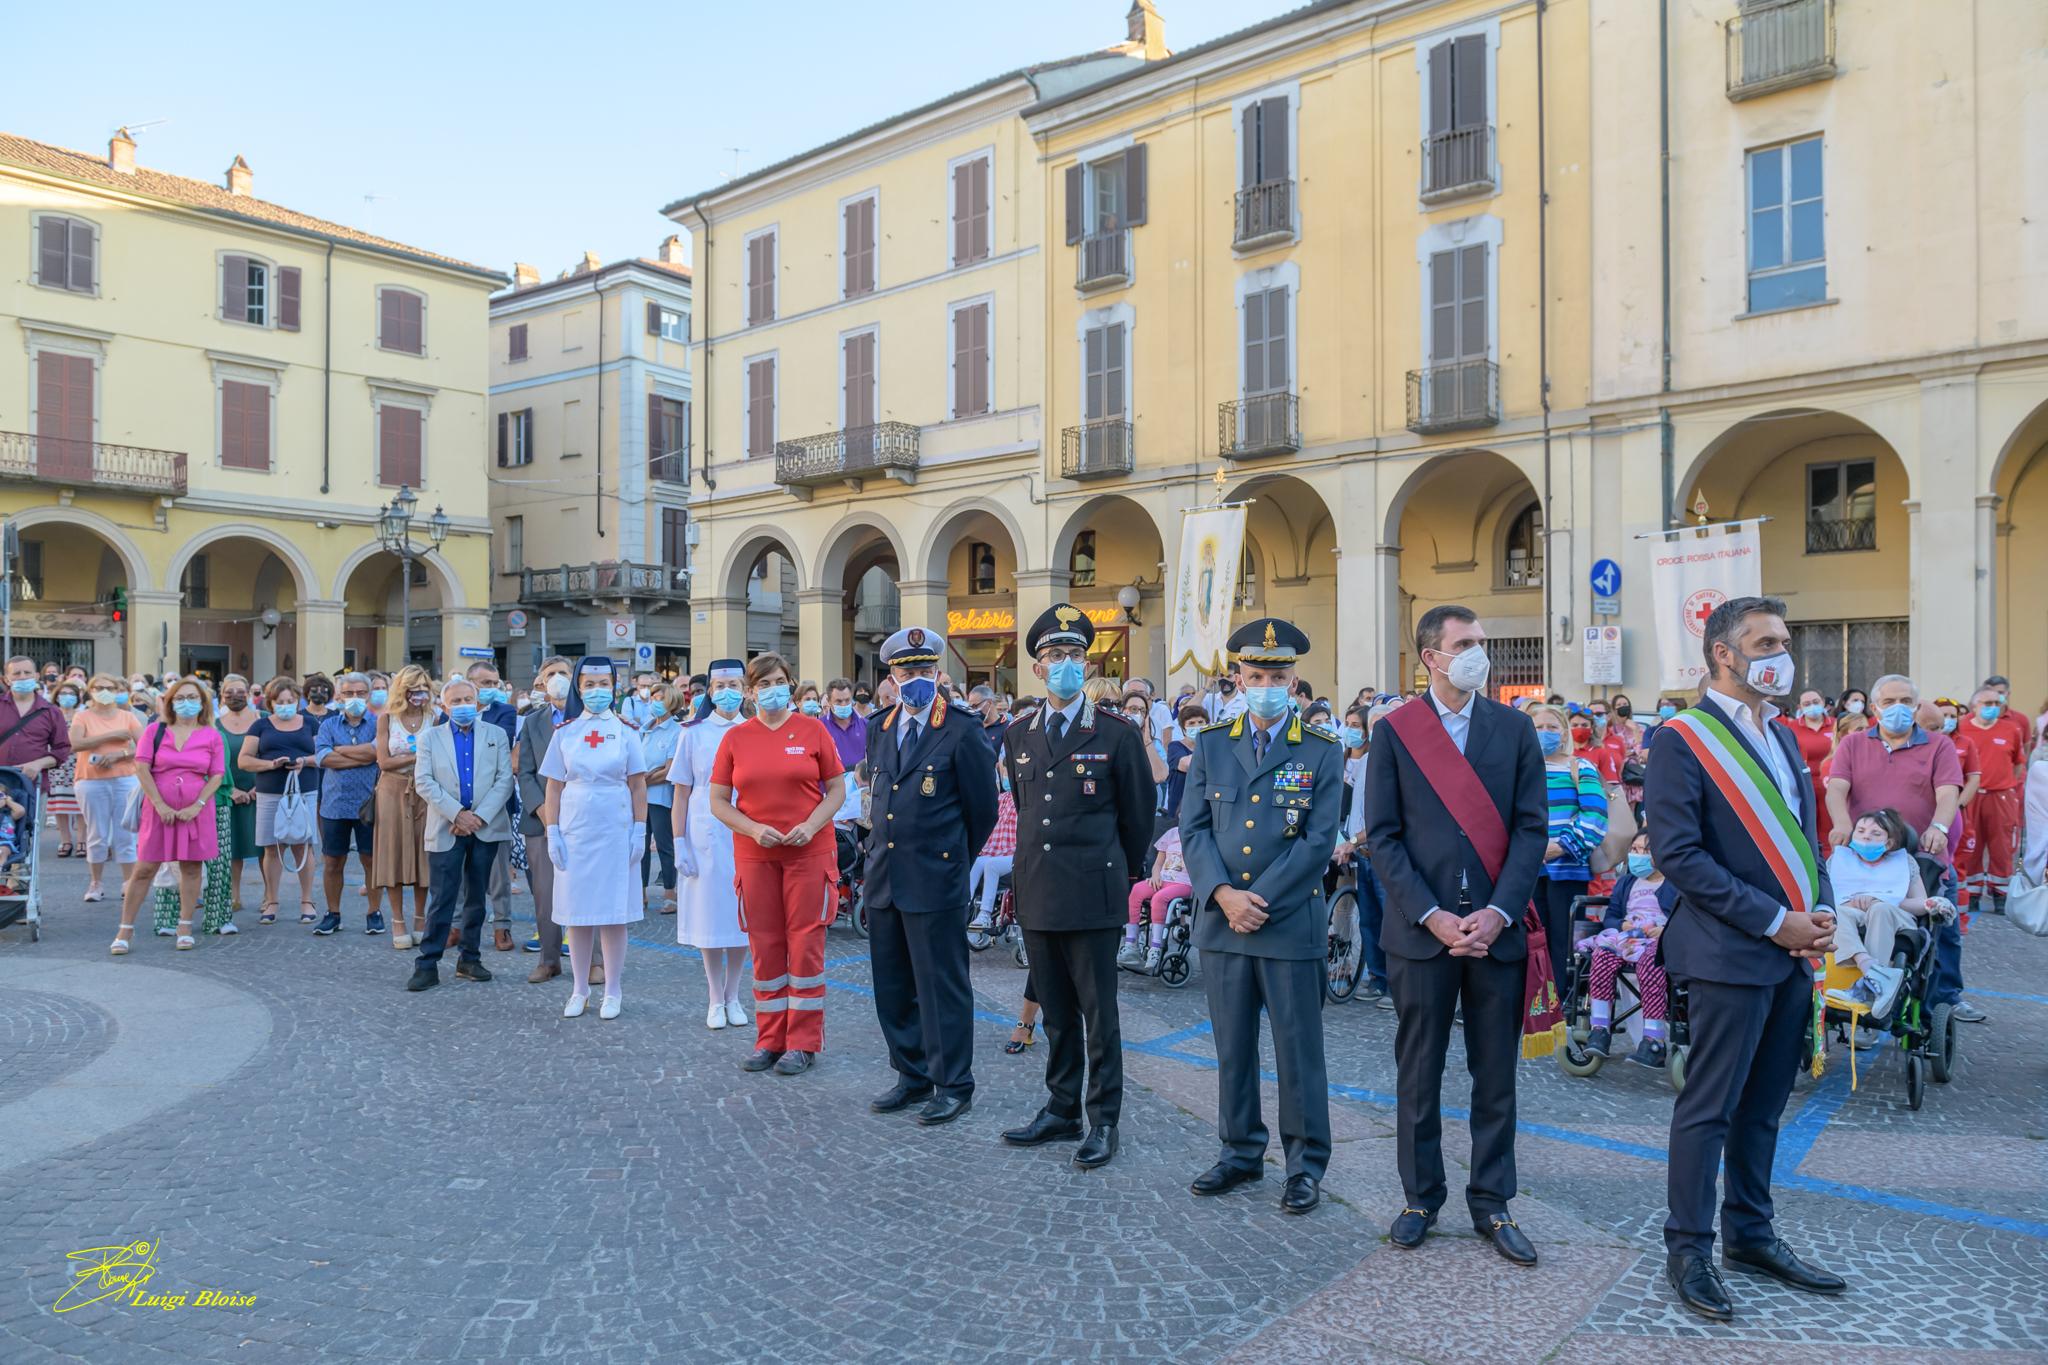 29-agosto-2021-Viola-17-e-processione-MdG-–-FOTO_mdg_-214